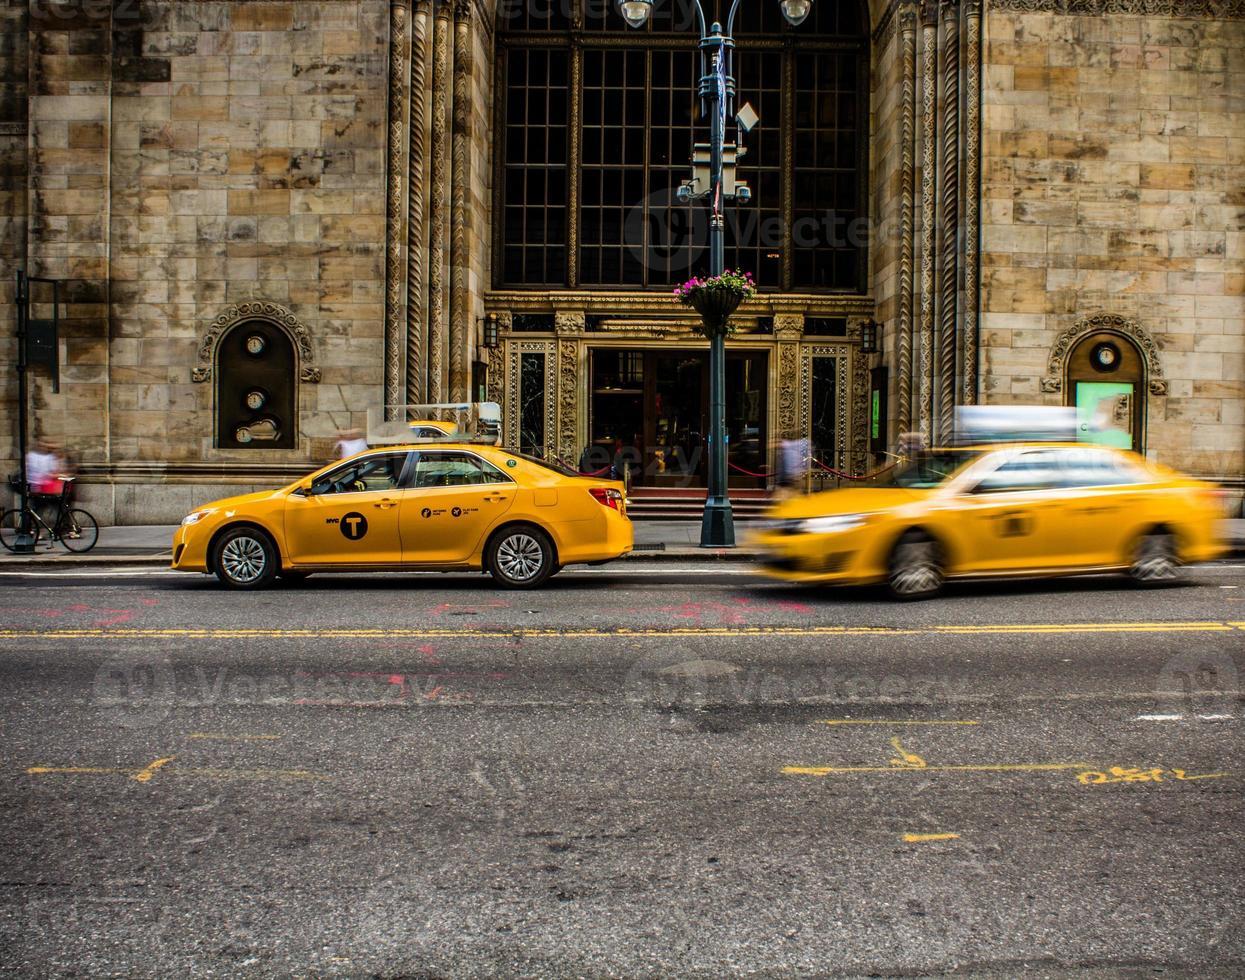 gele taxi foto